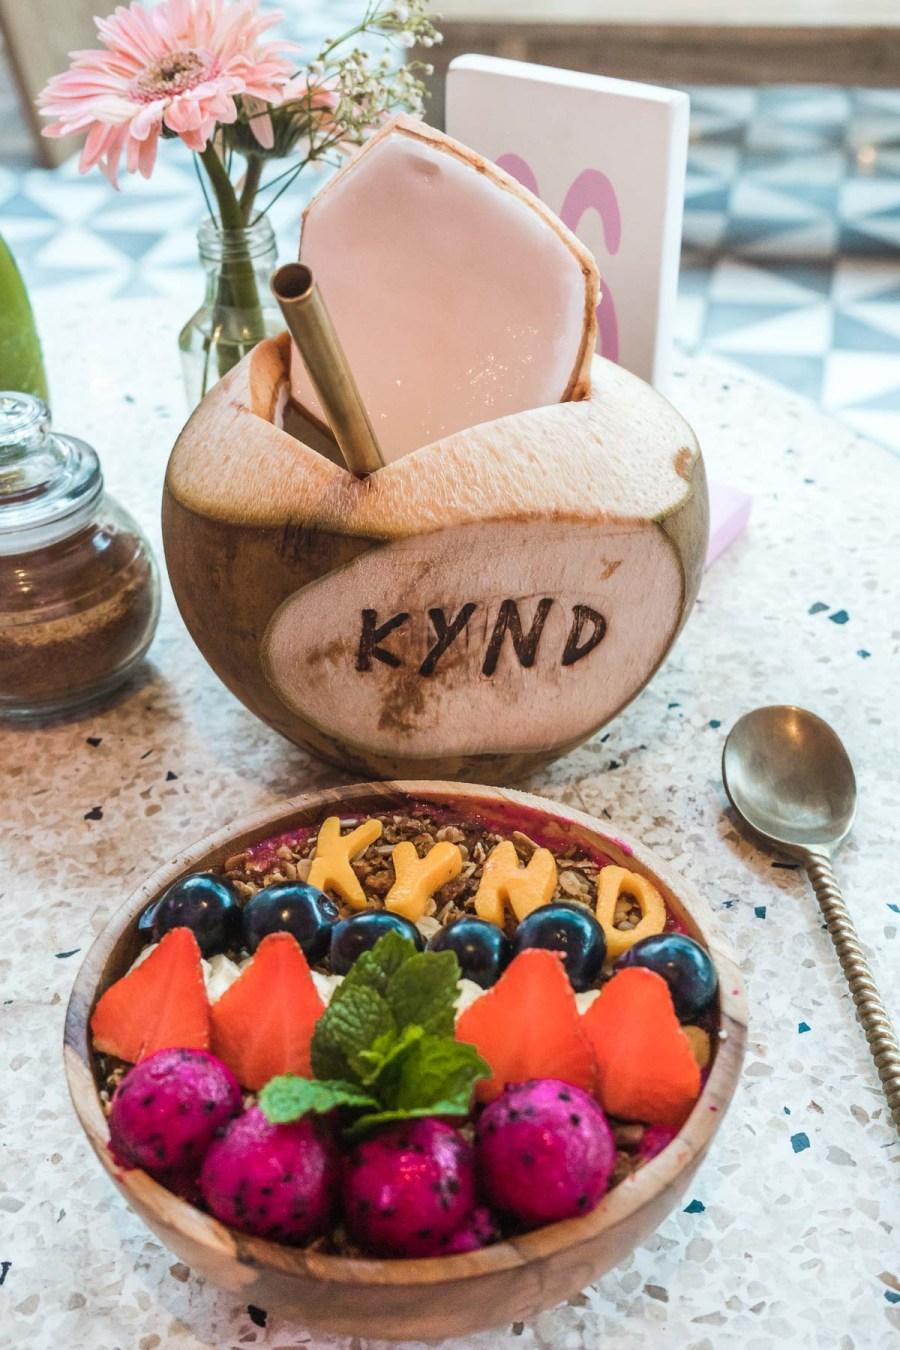 Breakfast at Kynd Community in Seminyak, Bali